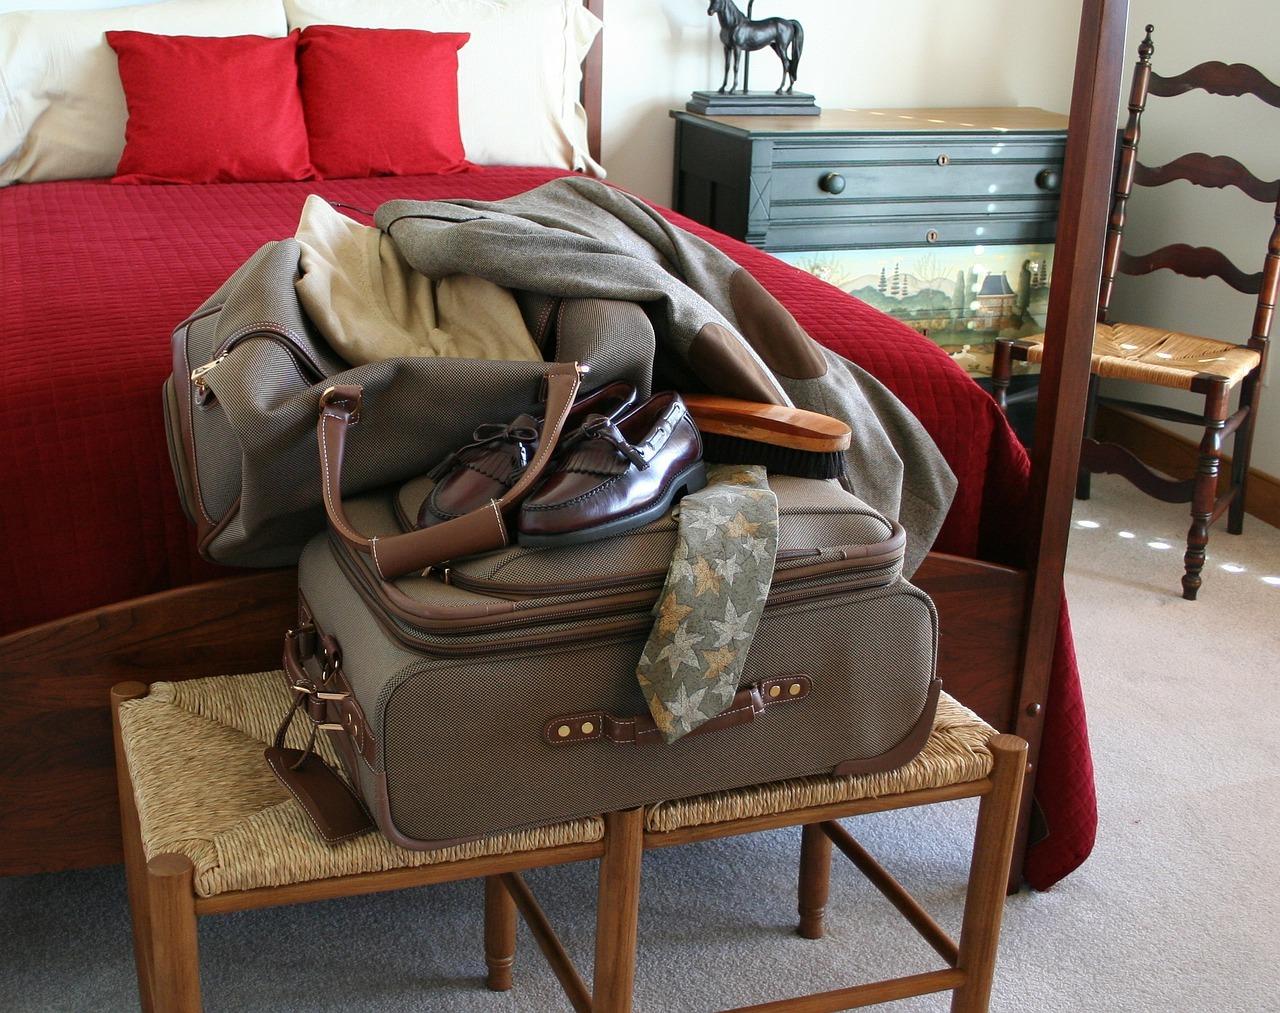 パッキングのコツは?簡単に旅行の荷物をスーツケースに詰める方法をご紹介!